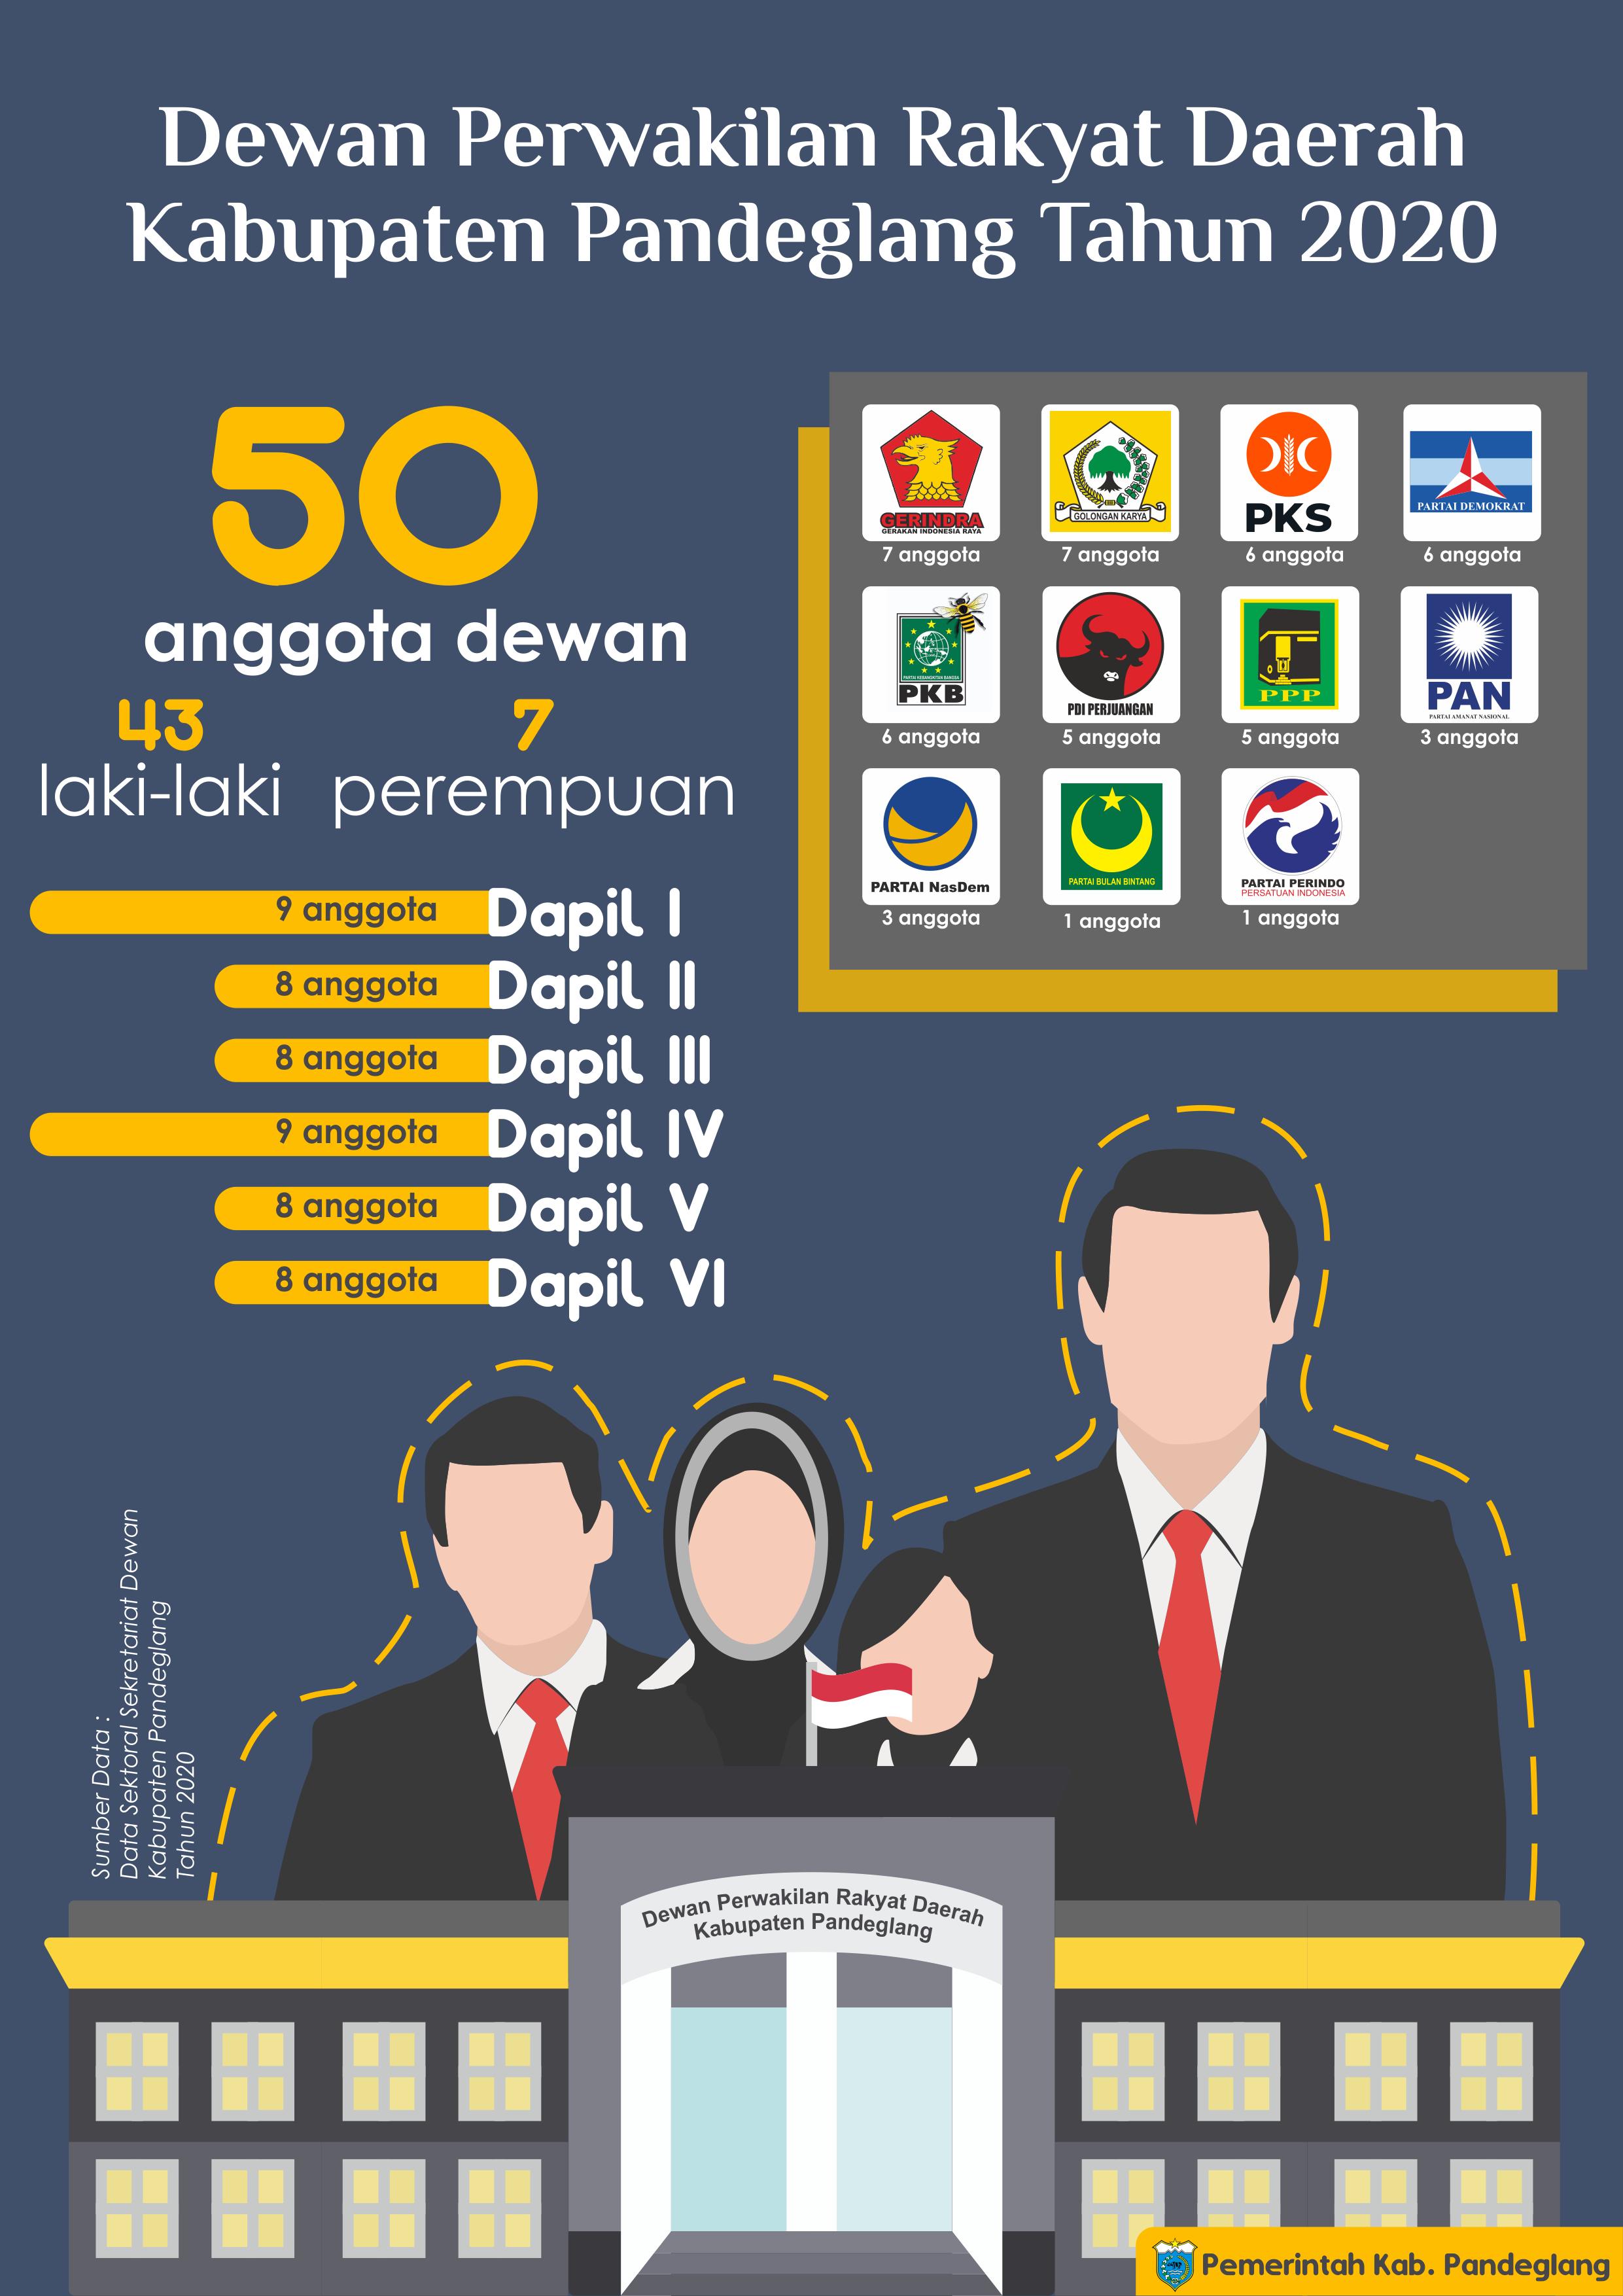 Anggota Dewan Perwakilan Rakyat Daerah Kabupaten Pandeglang Tahun 2020